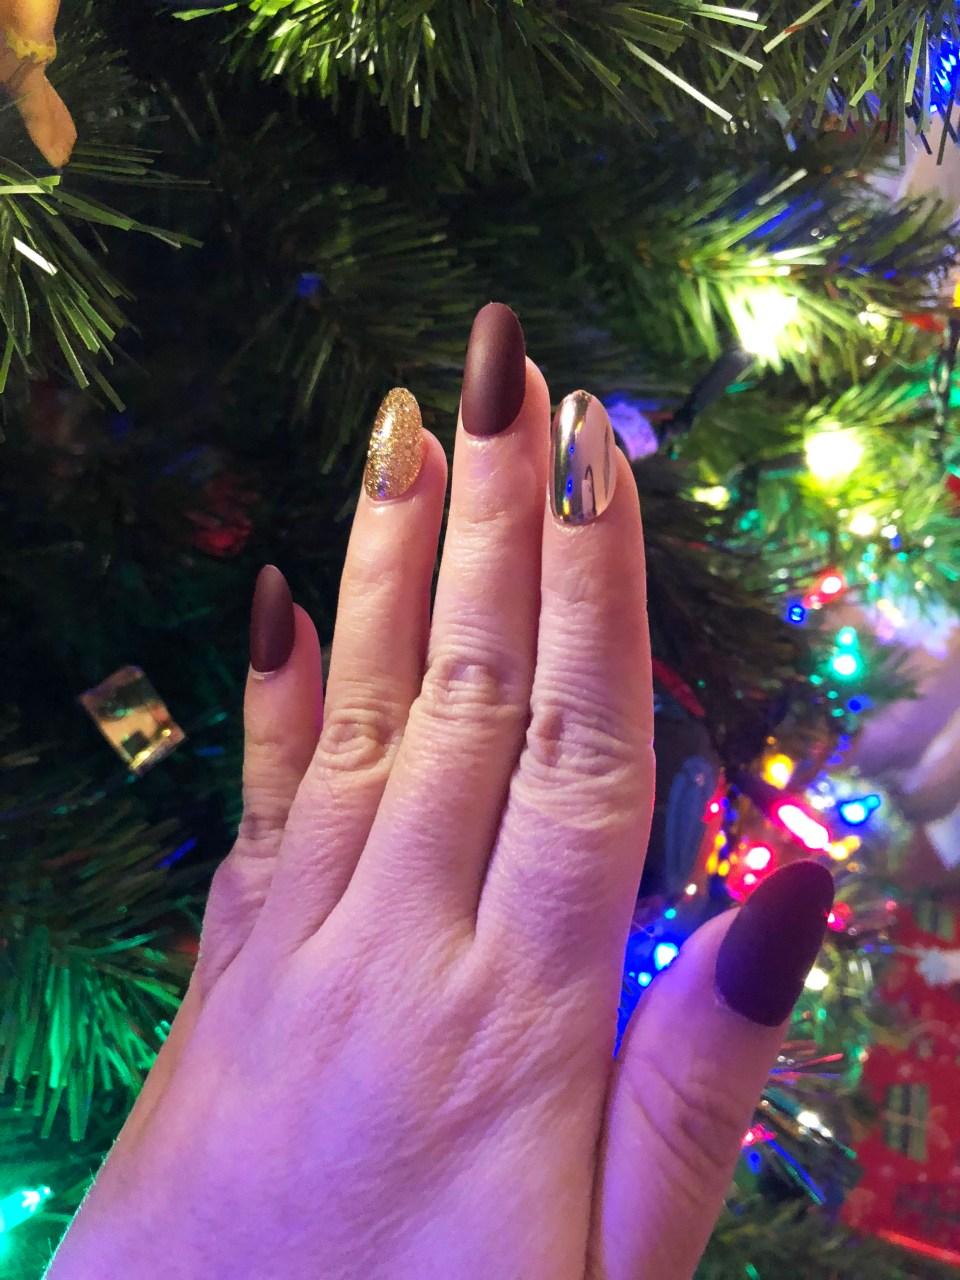 Kiss - Glam Fantasy Nails 5